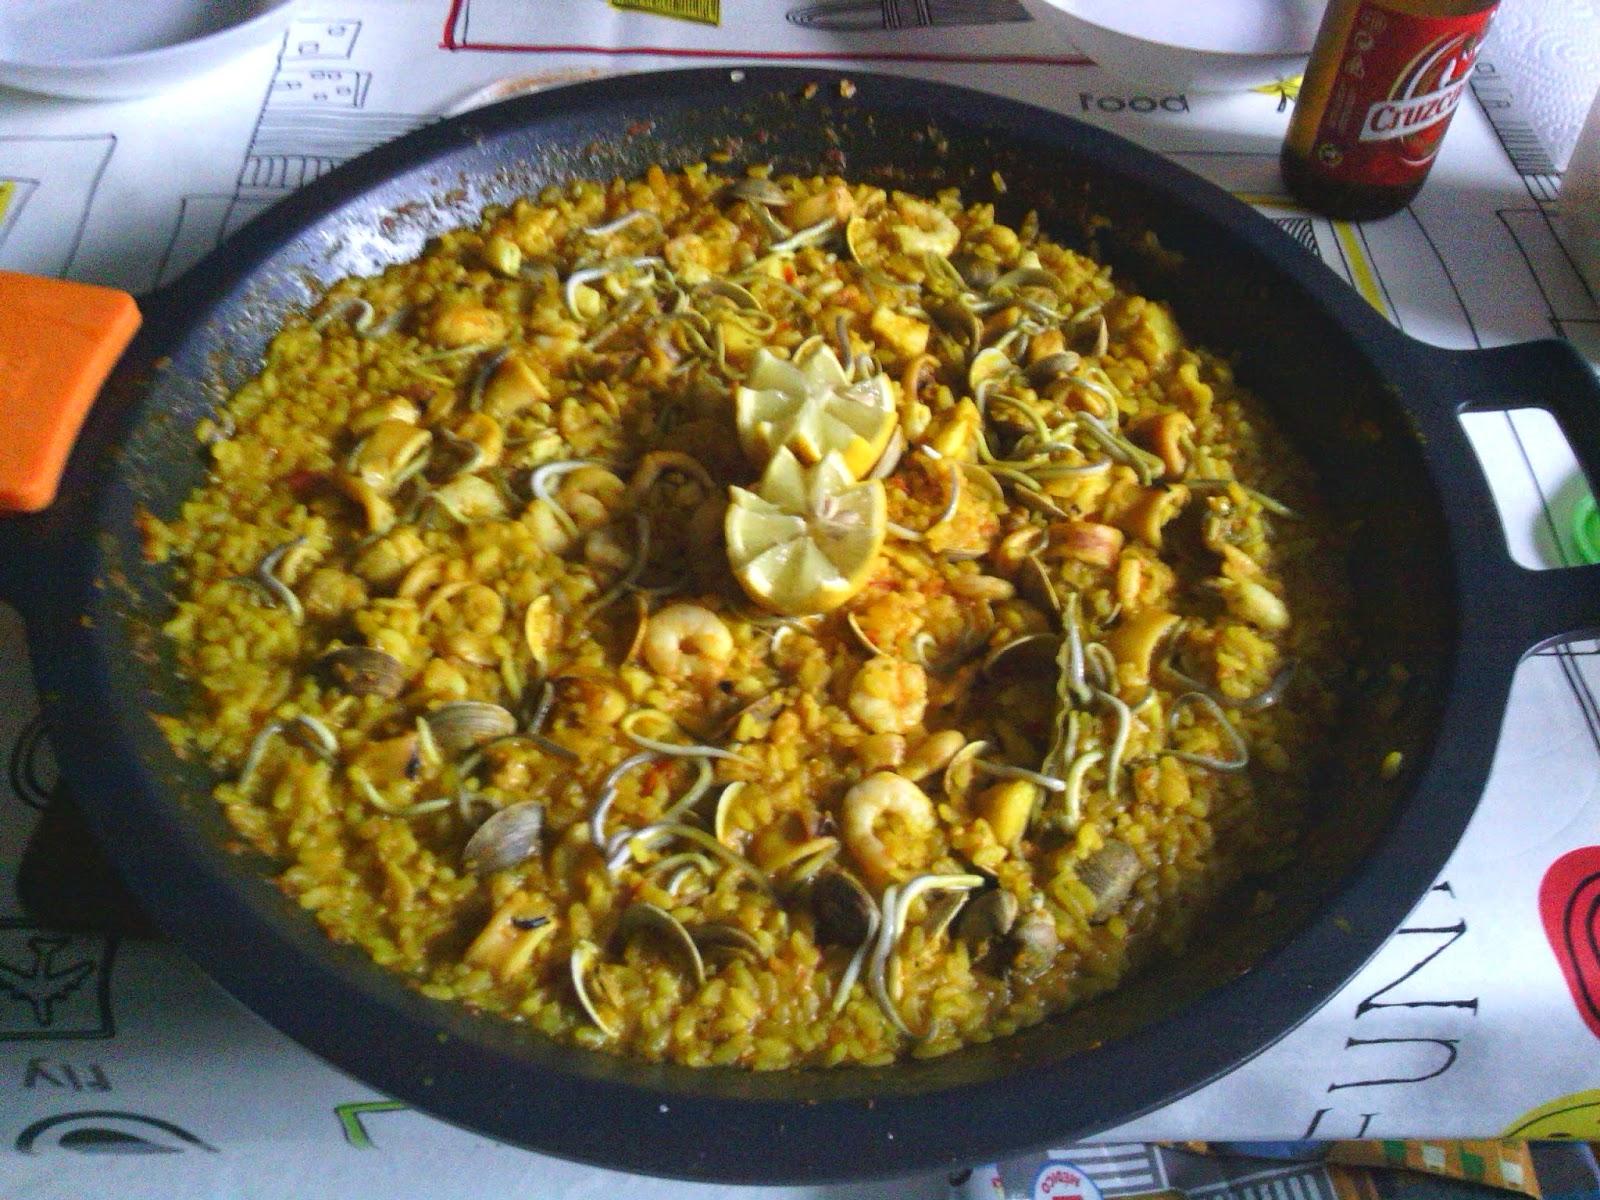 Recetas cuatro fogones paella de pescado y marisco - Paella de pescado ...